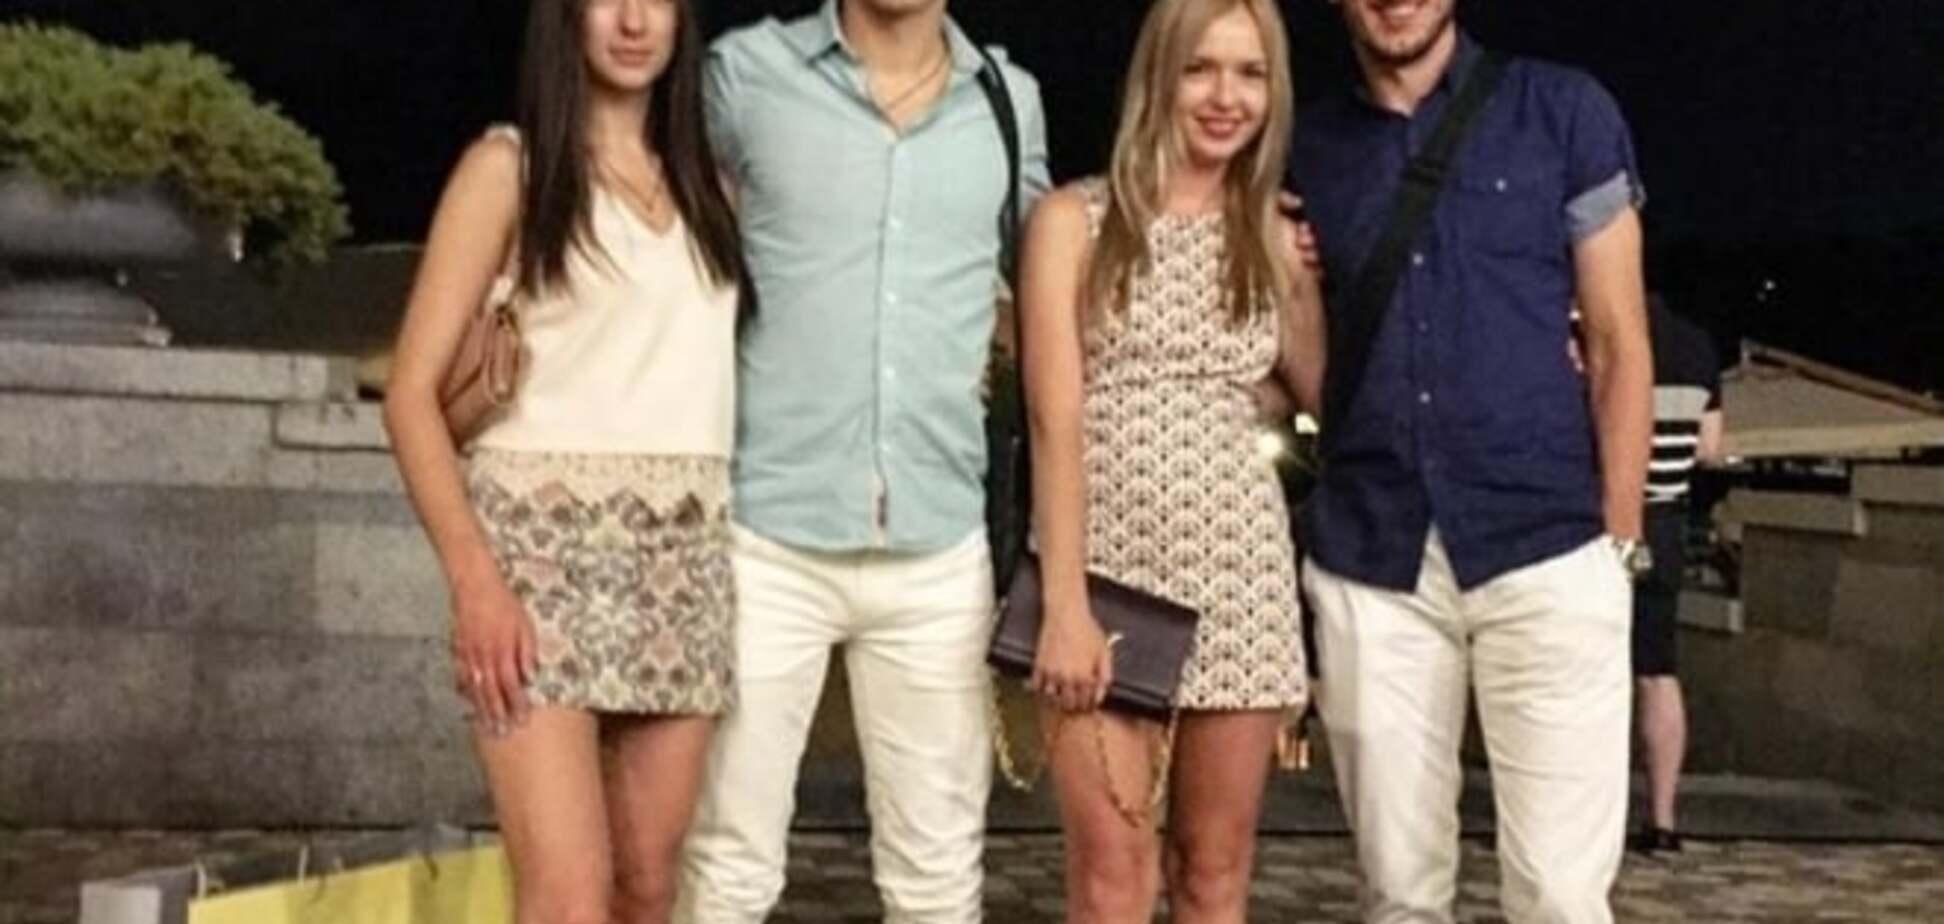 Жены футболистов 'Шахтера' покорили киевлян роскошными ножками: эффектные фото